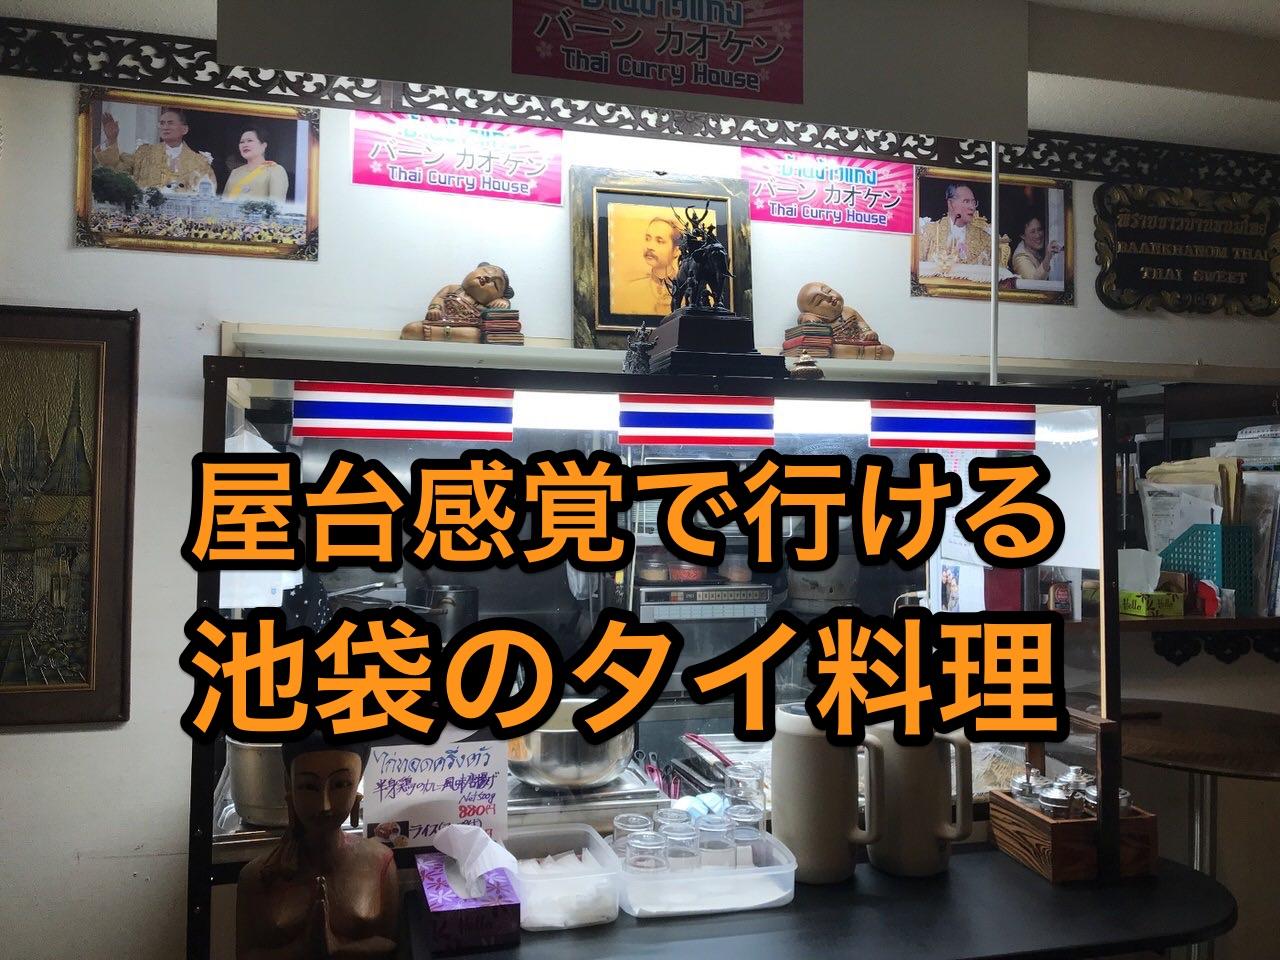 「バーンカオケン」屋台感覚でリーズナブルに楽しむシンハービールとタイ料理の店